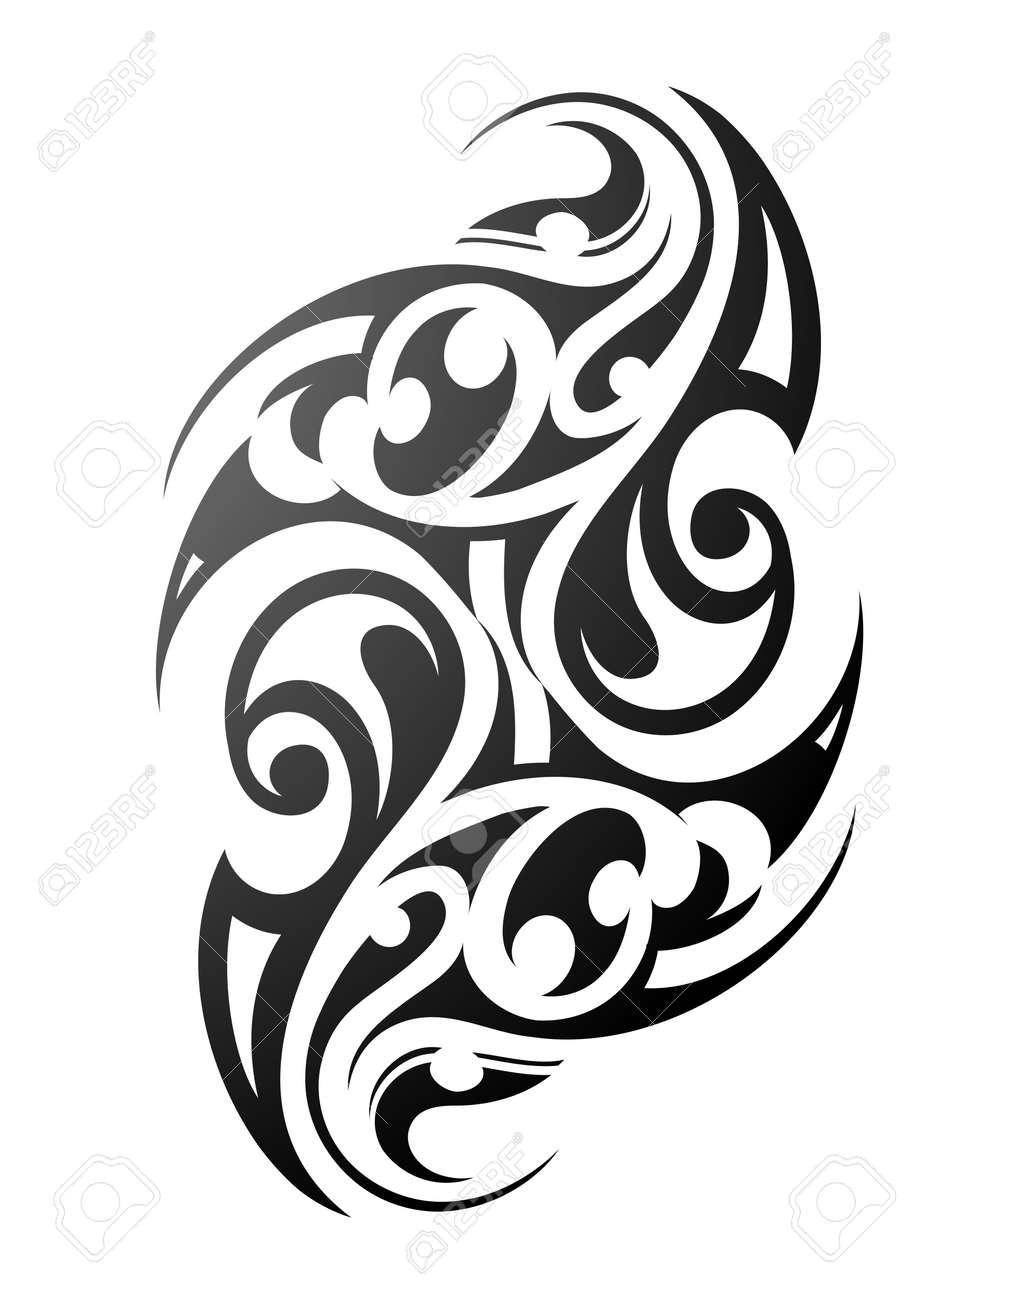 Tatouage Maori Ornement Ethnique Avec Des Motifs Traditionnels